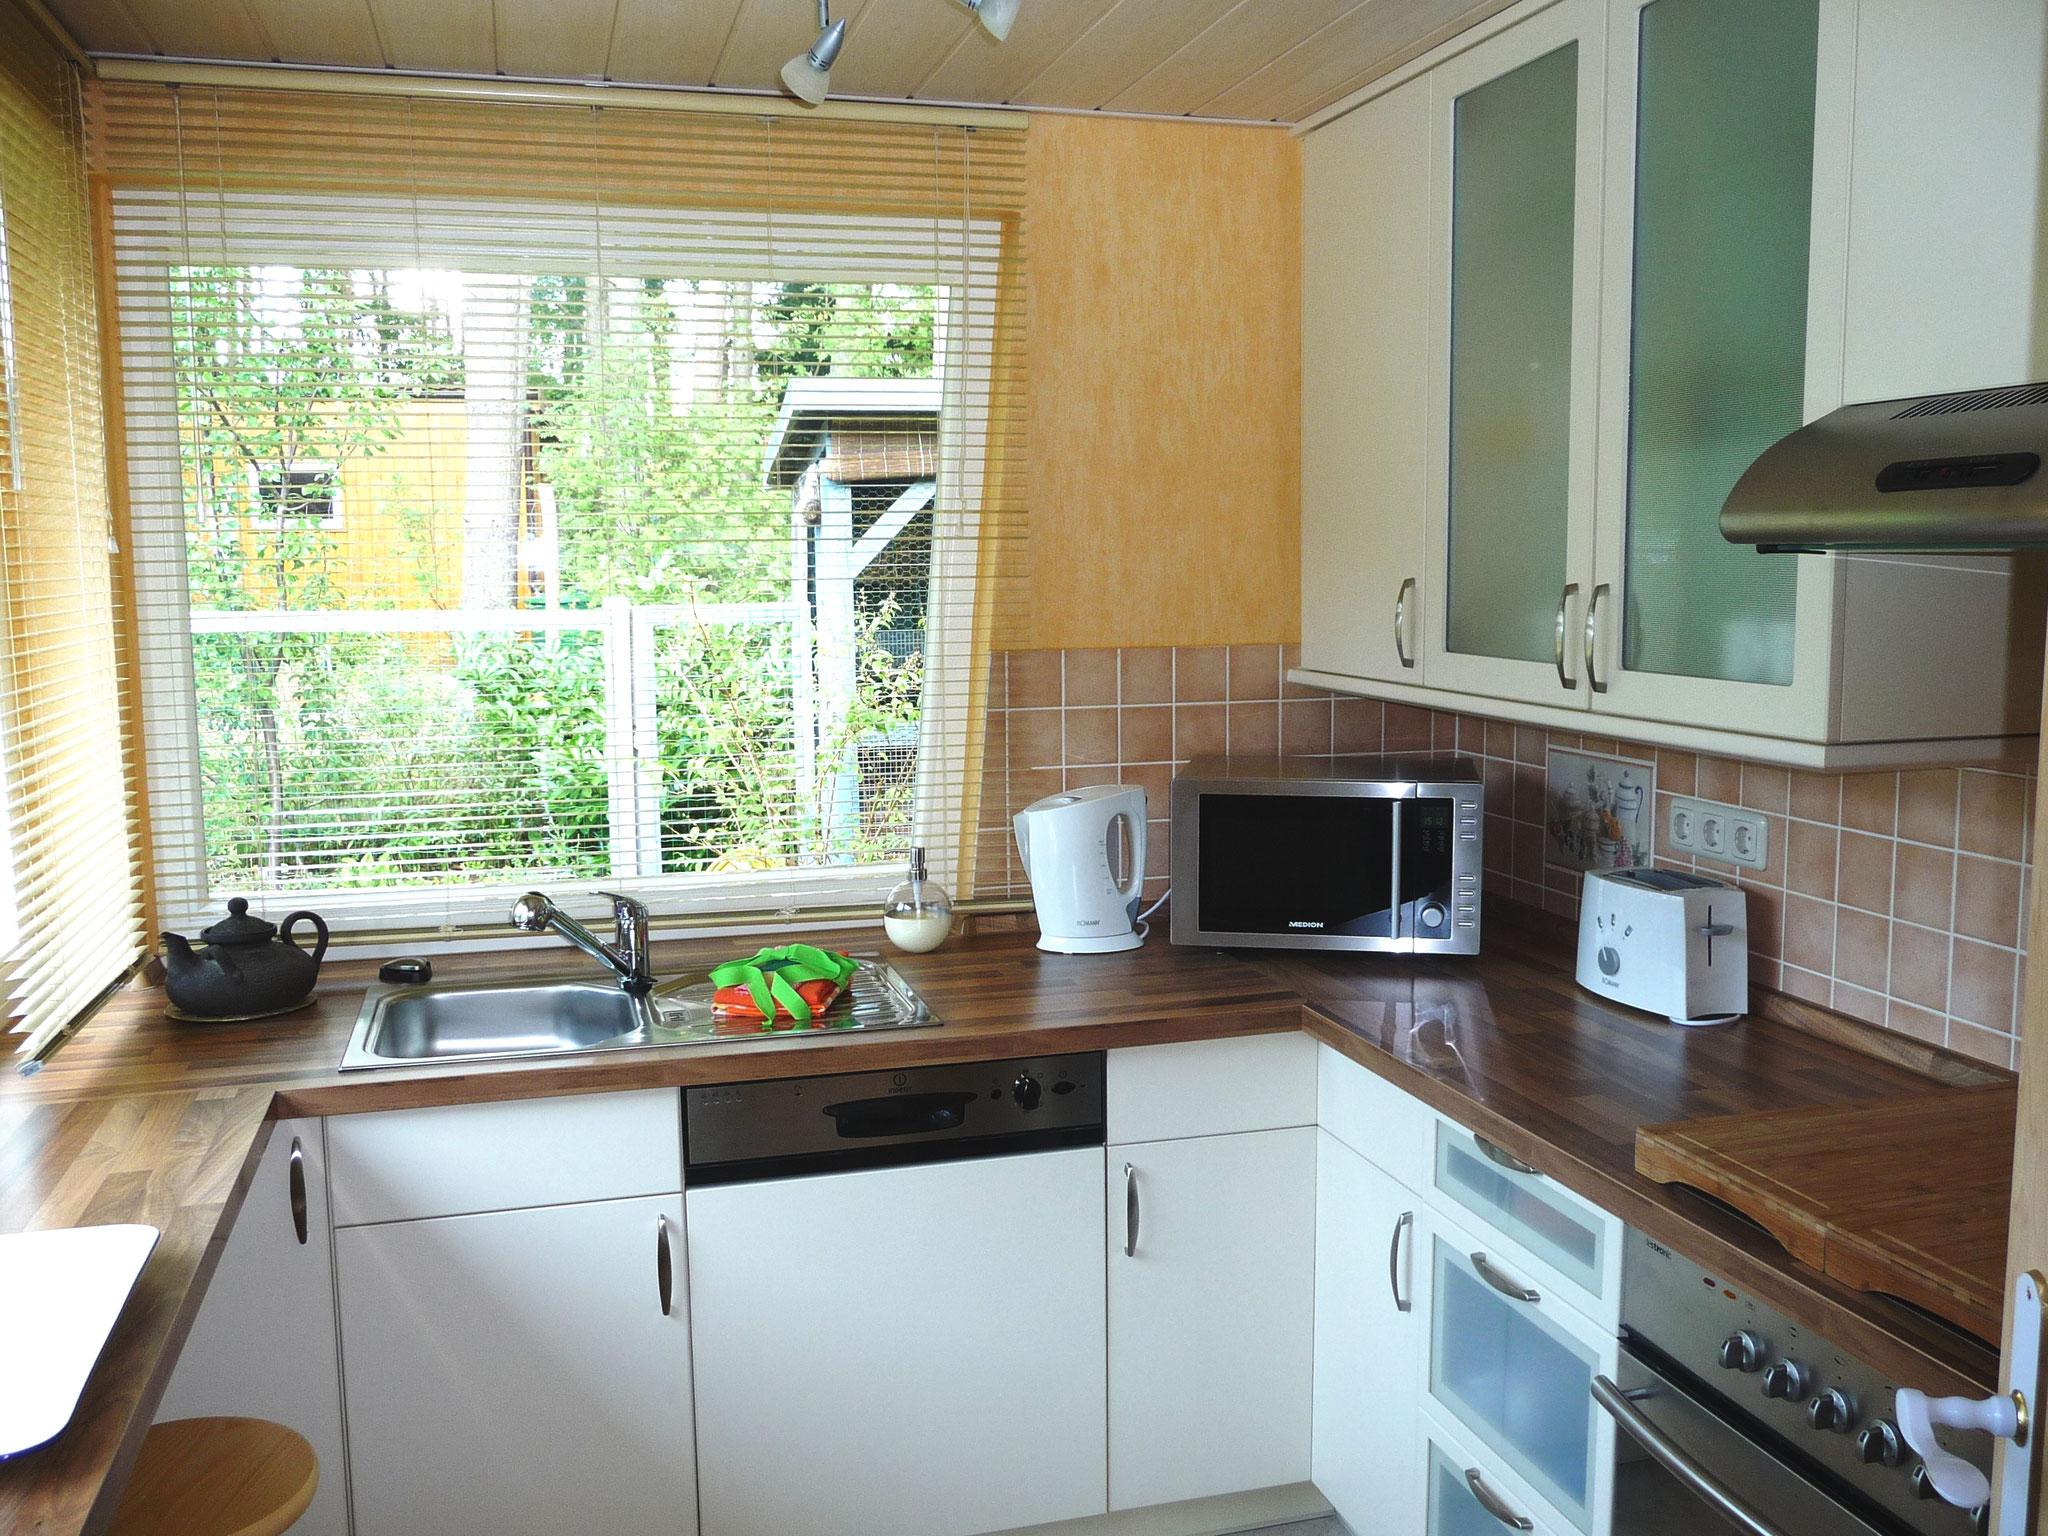 Modern und großzügig ausgestattet - hier finden Sie alles, was eine gute Küche ausmacht und braucht. Viel Platz zum Kochen und natürlich auch für einen kleinen Imbiss.